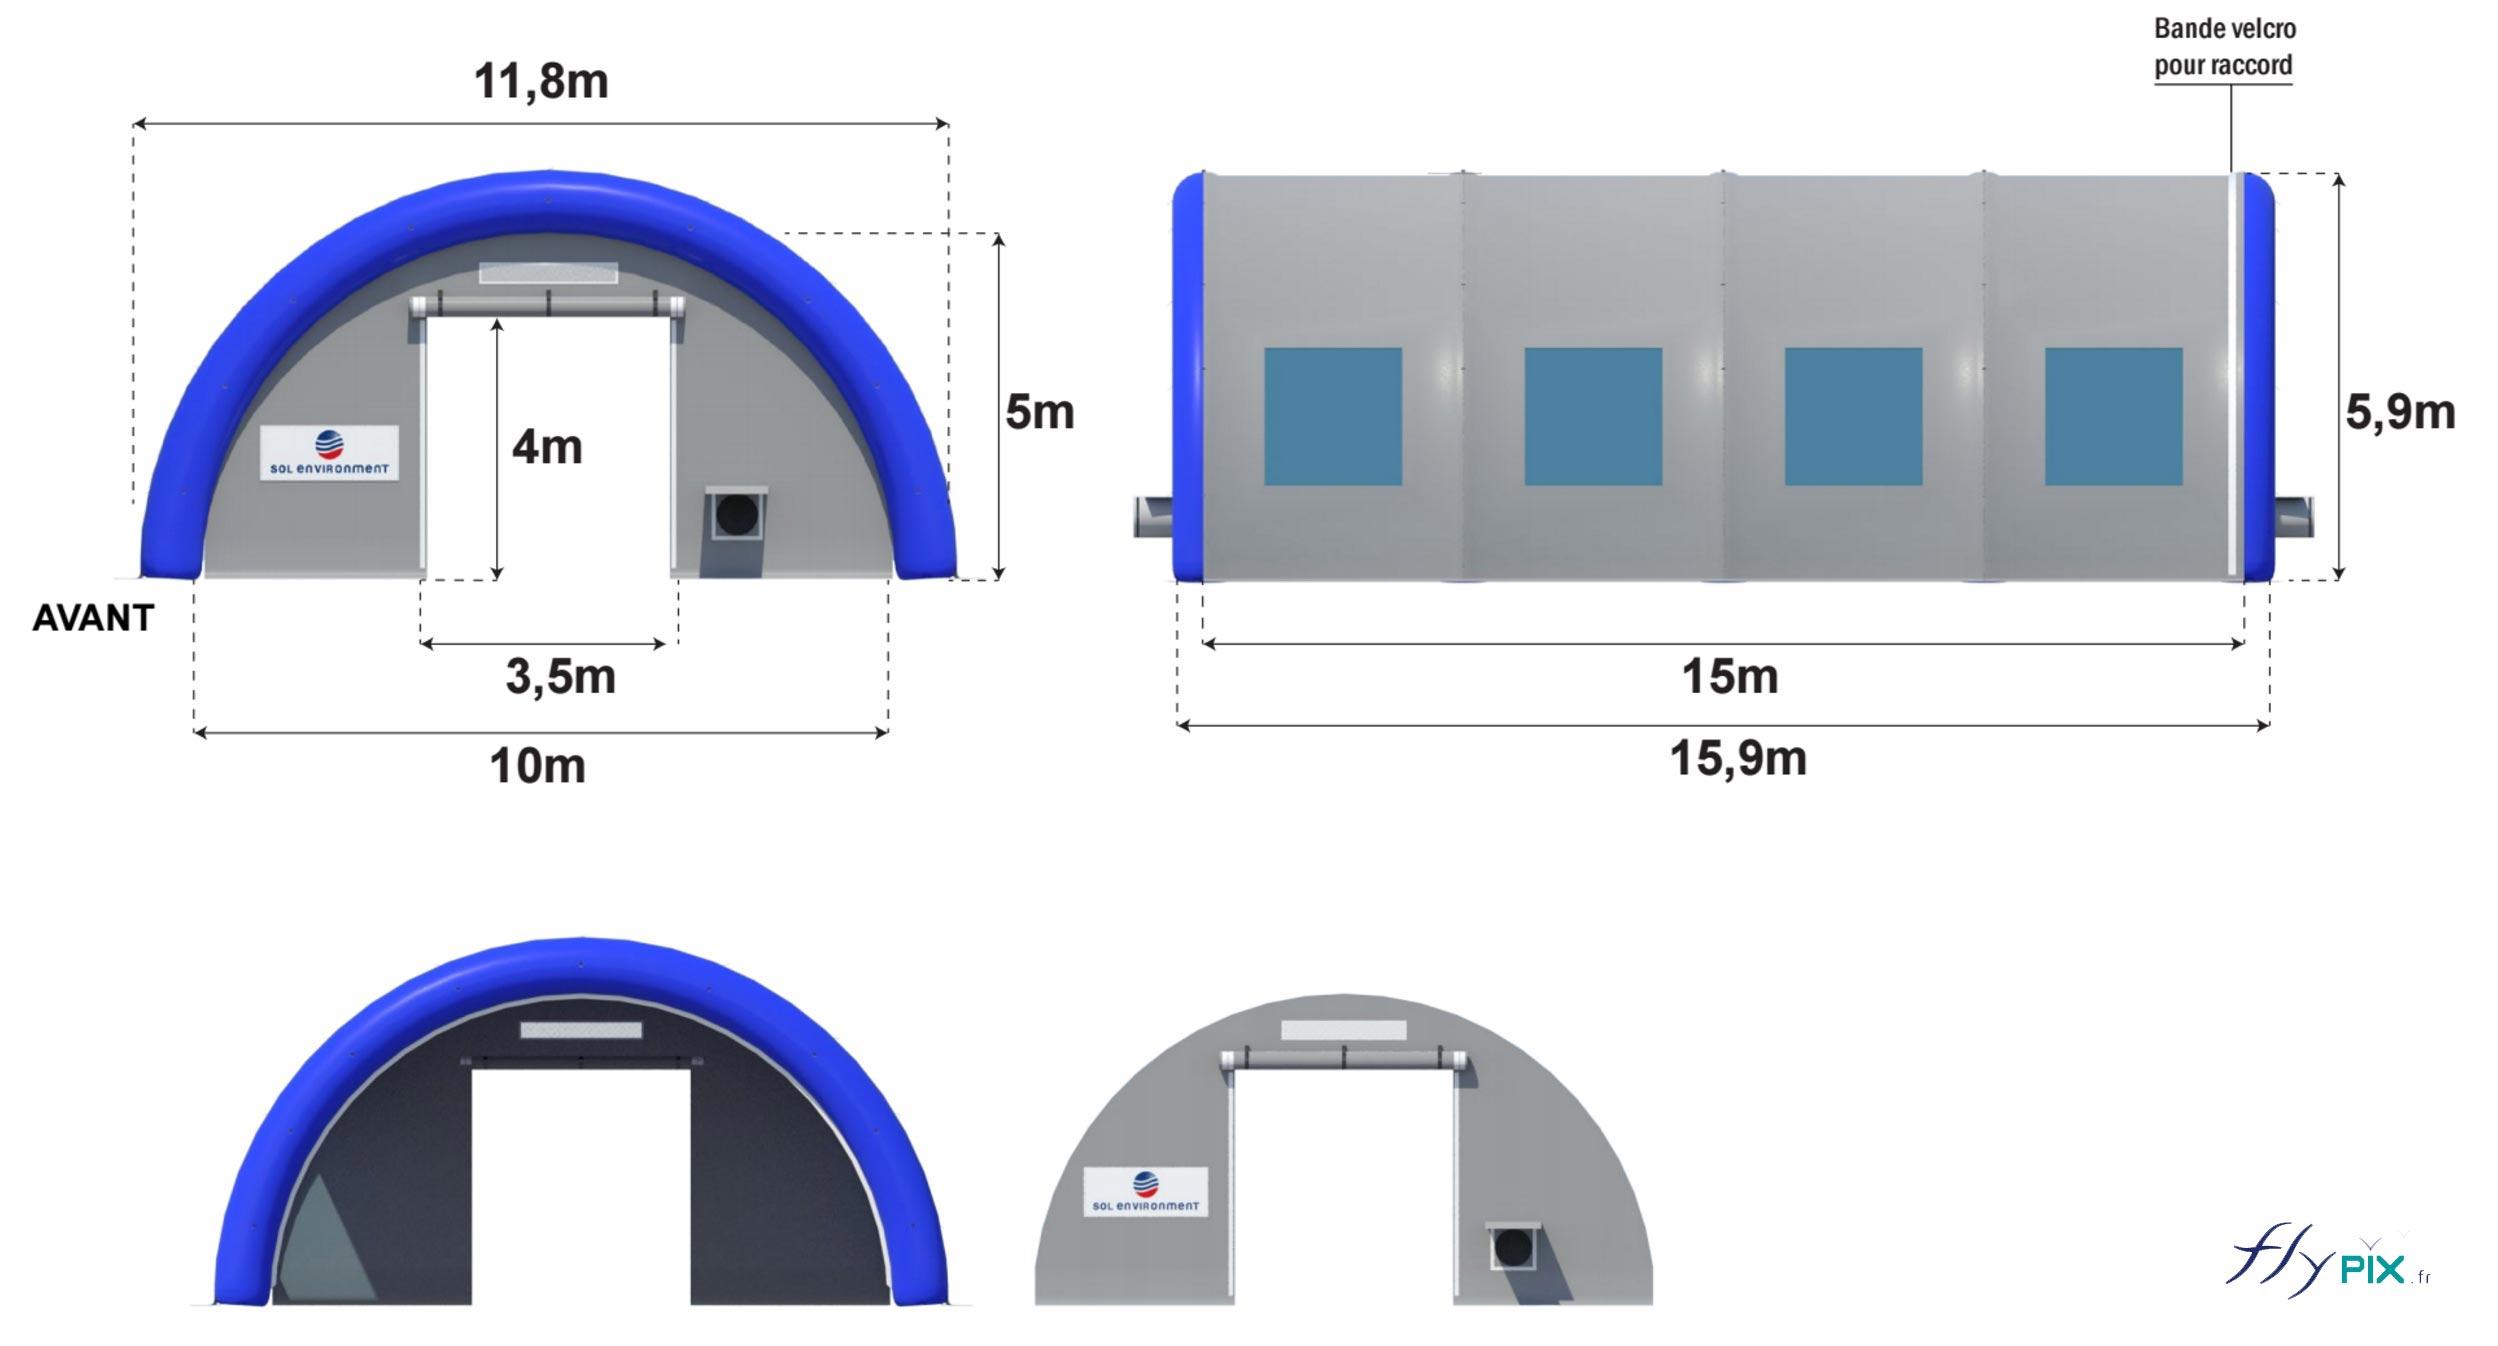 Tente gonflable de protection de chantier en forme de tunnel, fabriquée pour Sol Environnement.